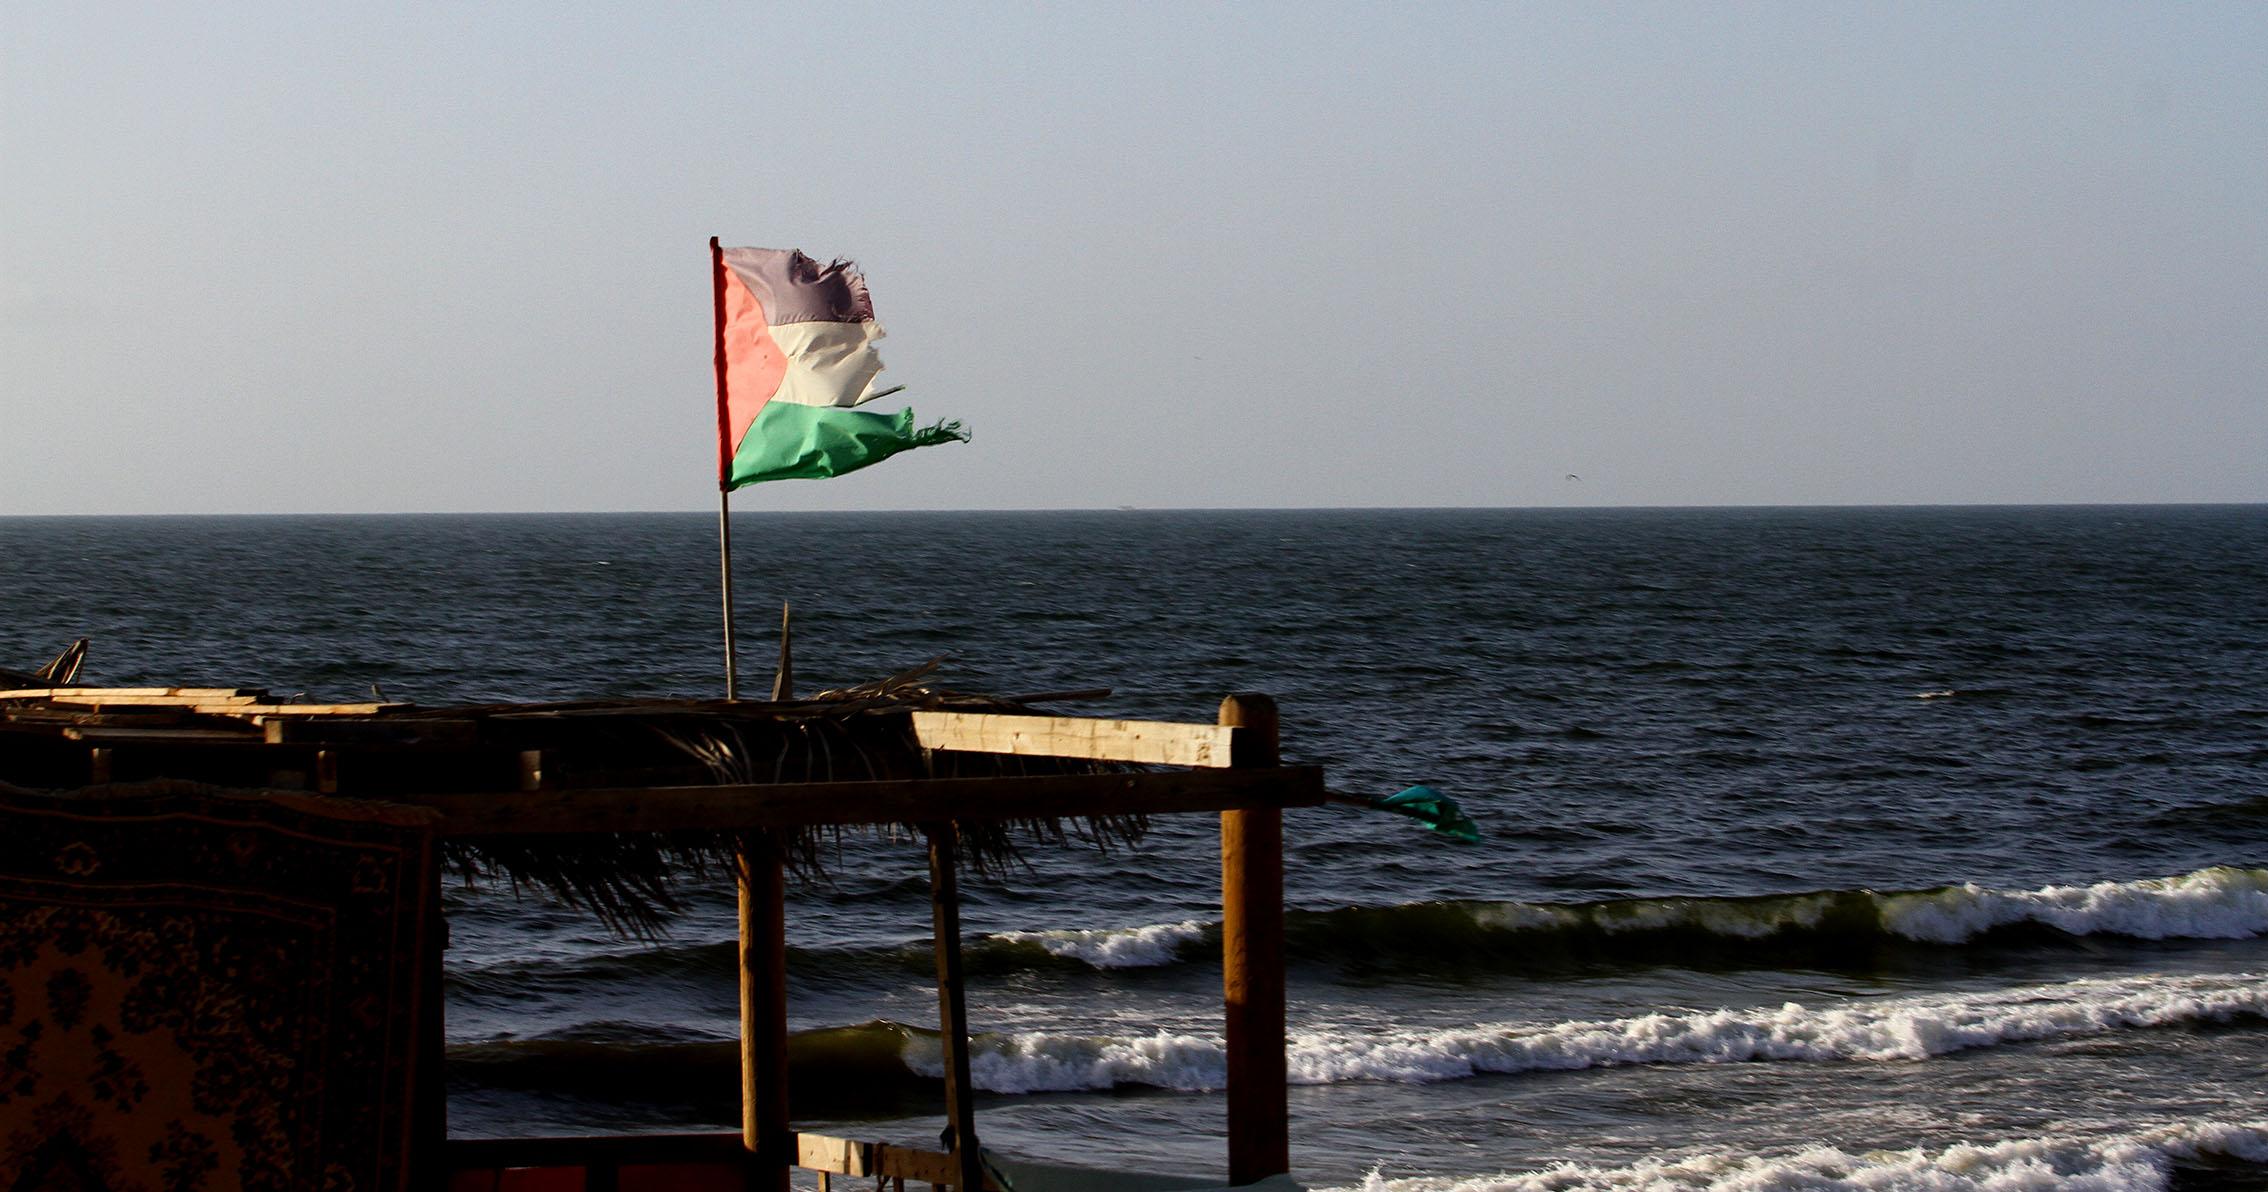 Gaza (Palestina), 25 de septiembre (Andes).-  Granja de Gaza. Foto: Luis Astudillo C. / Andes